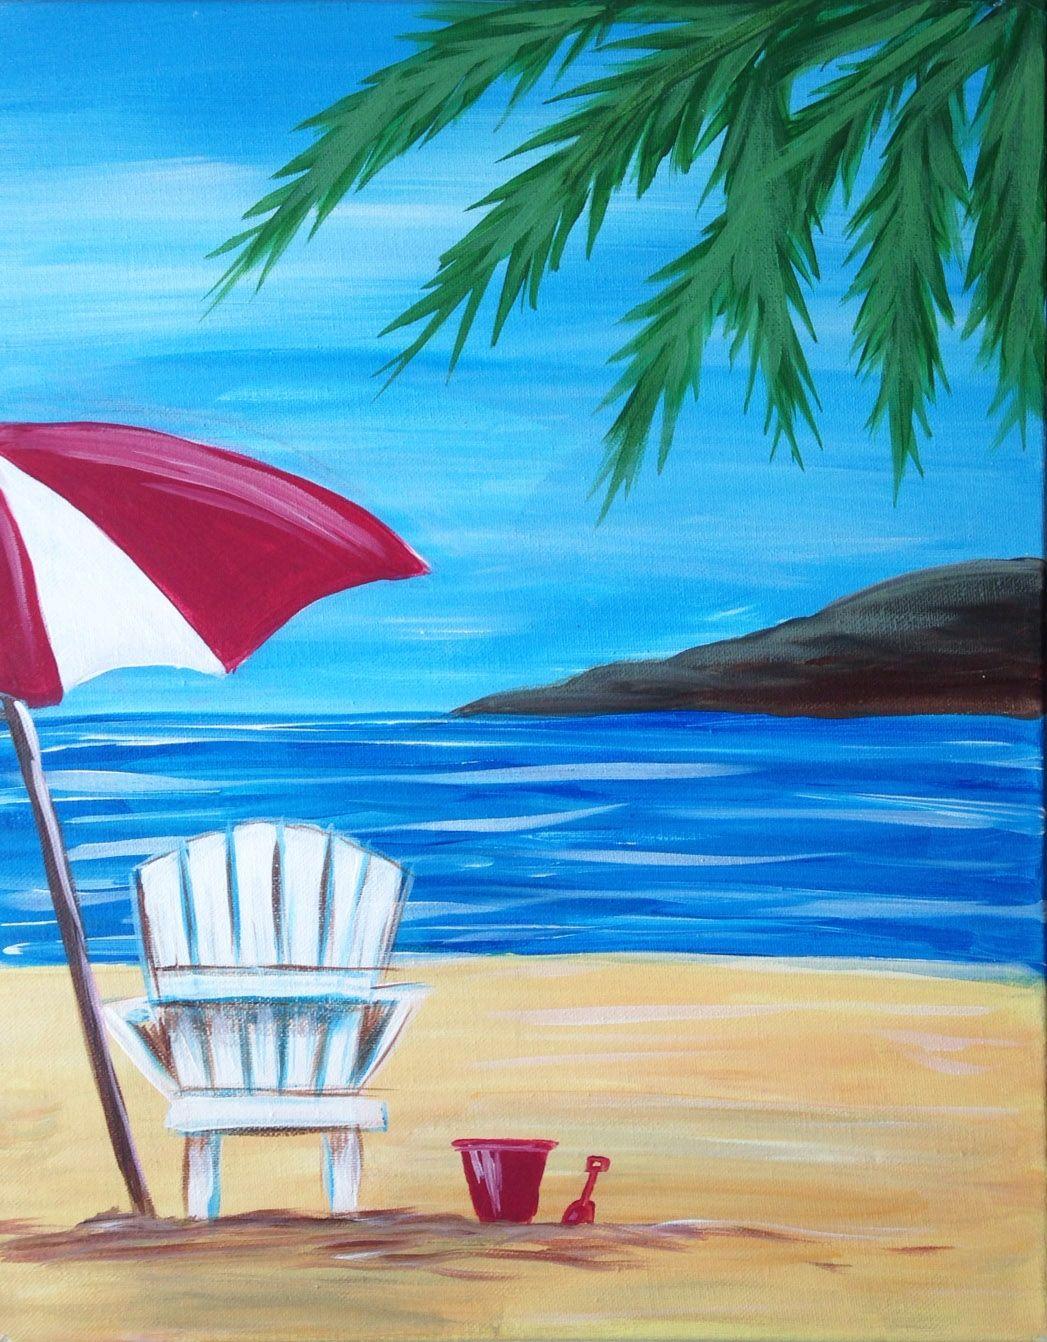 Chairs beach chair painting alan metzger regarding beach chair umbrella